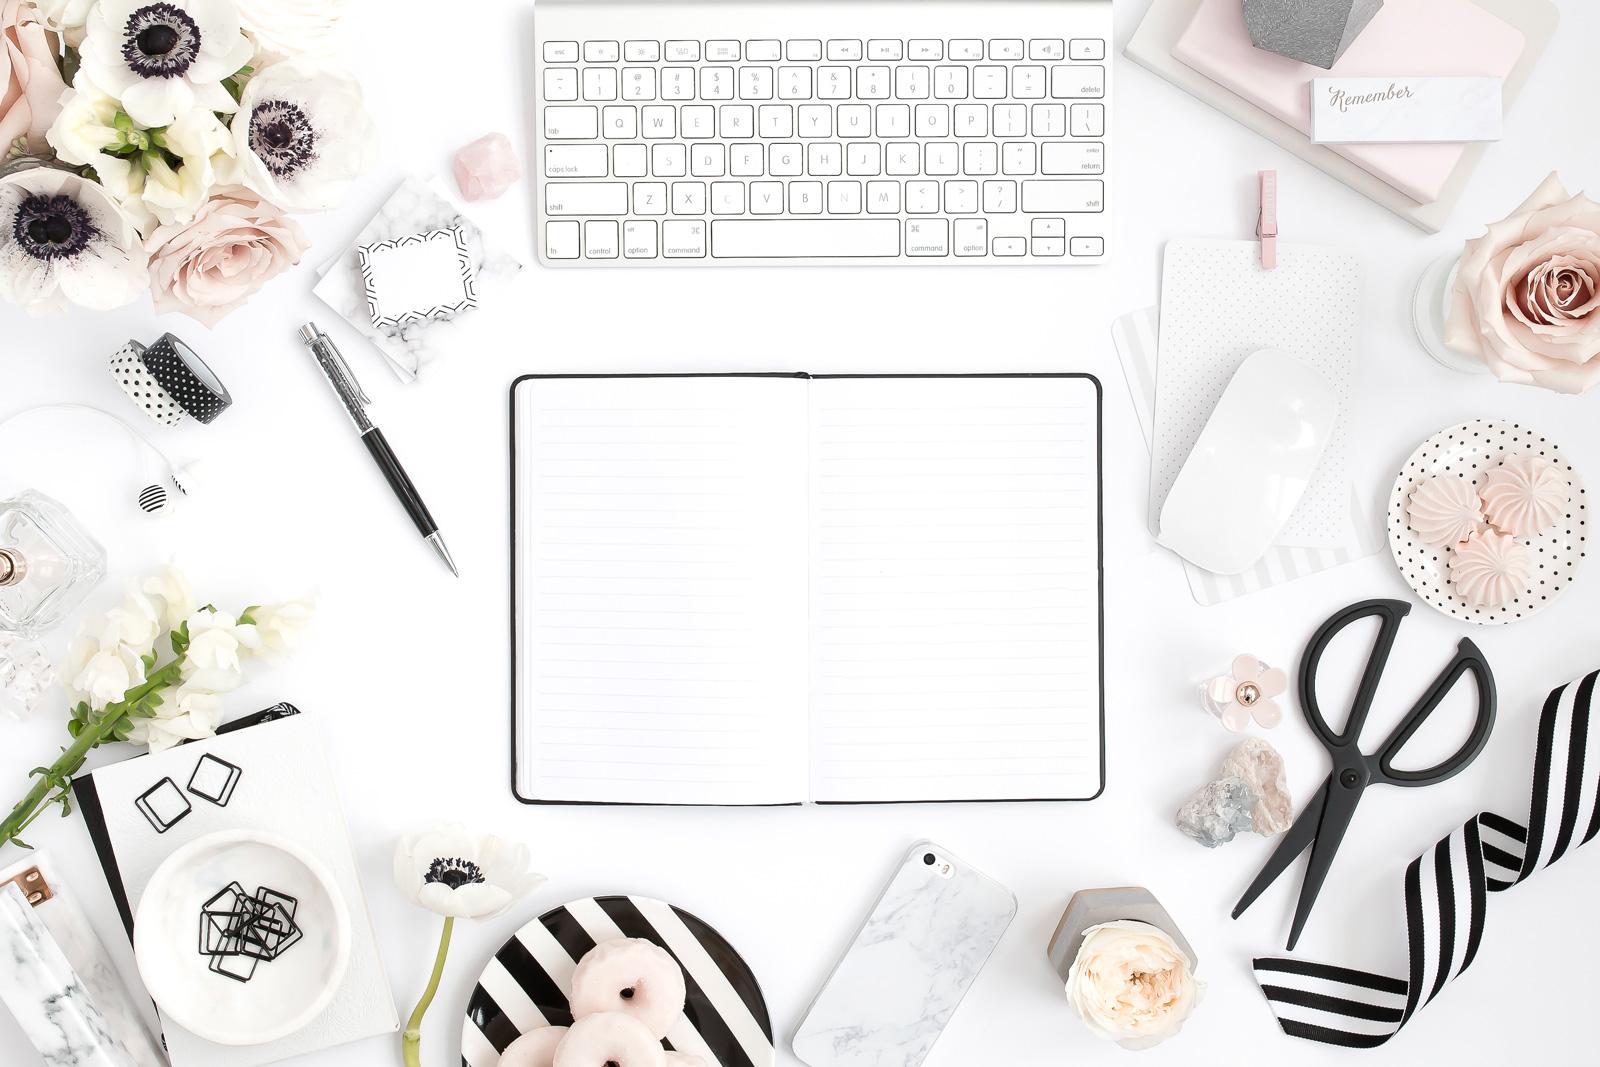 9 choses apprises en lançant mes produits digitaux